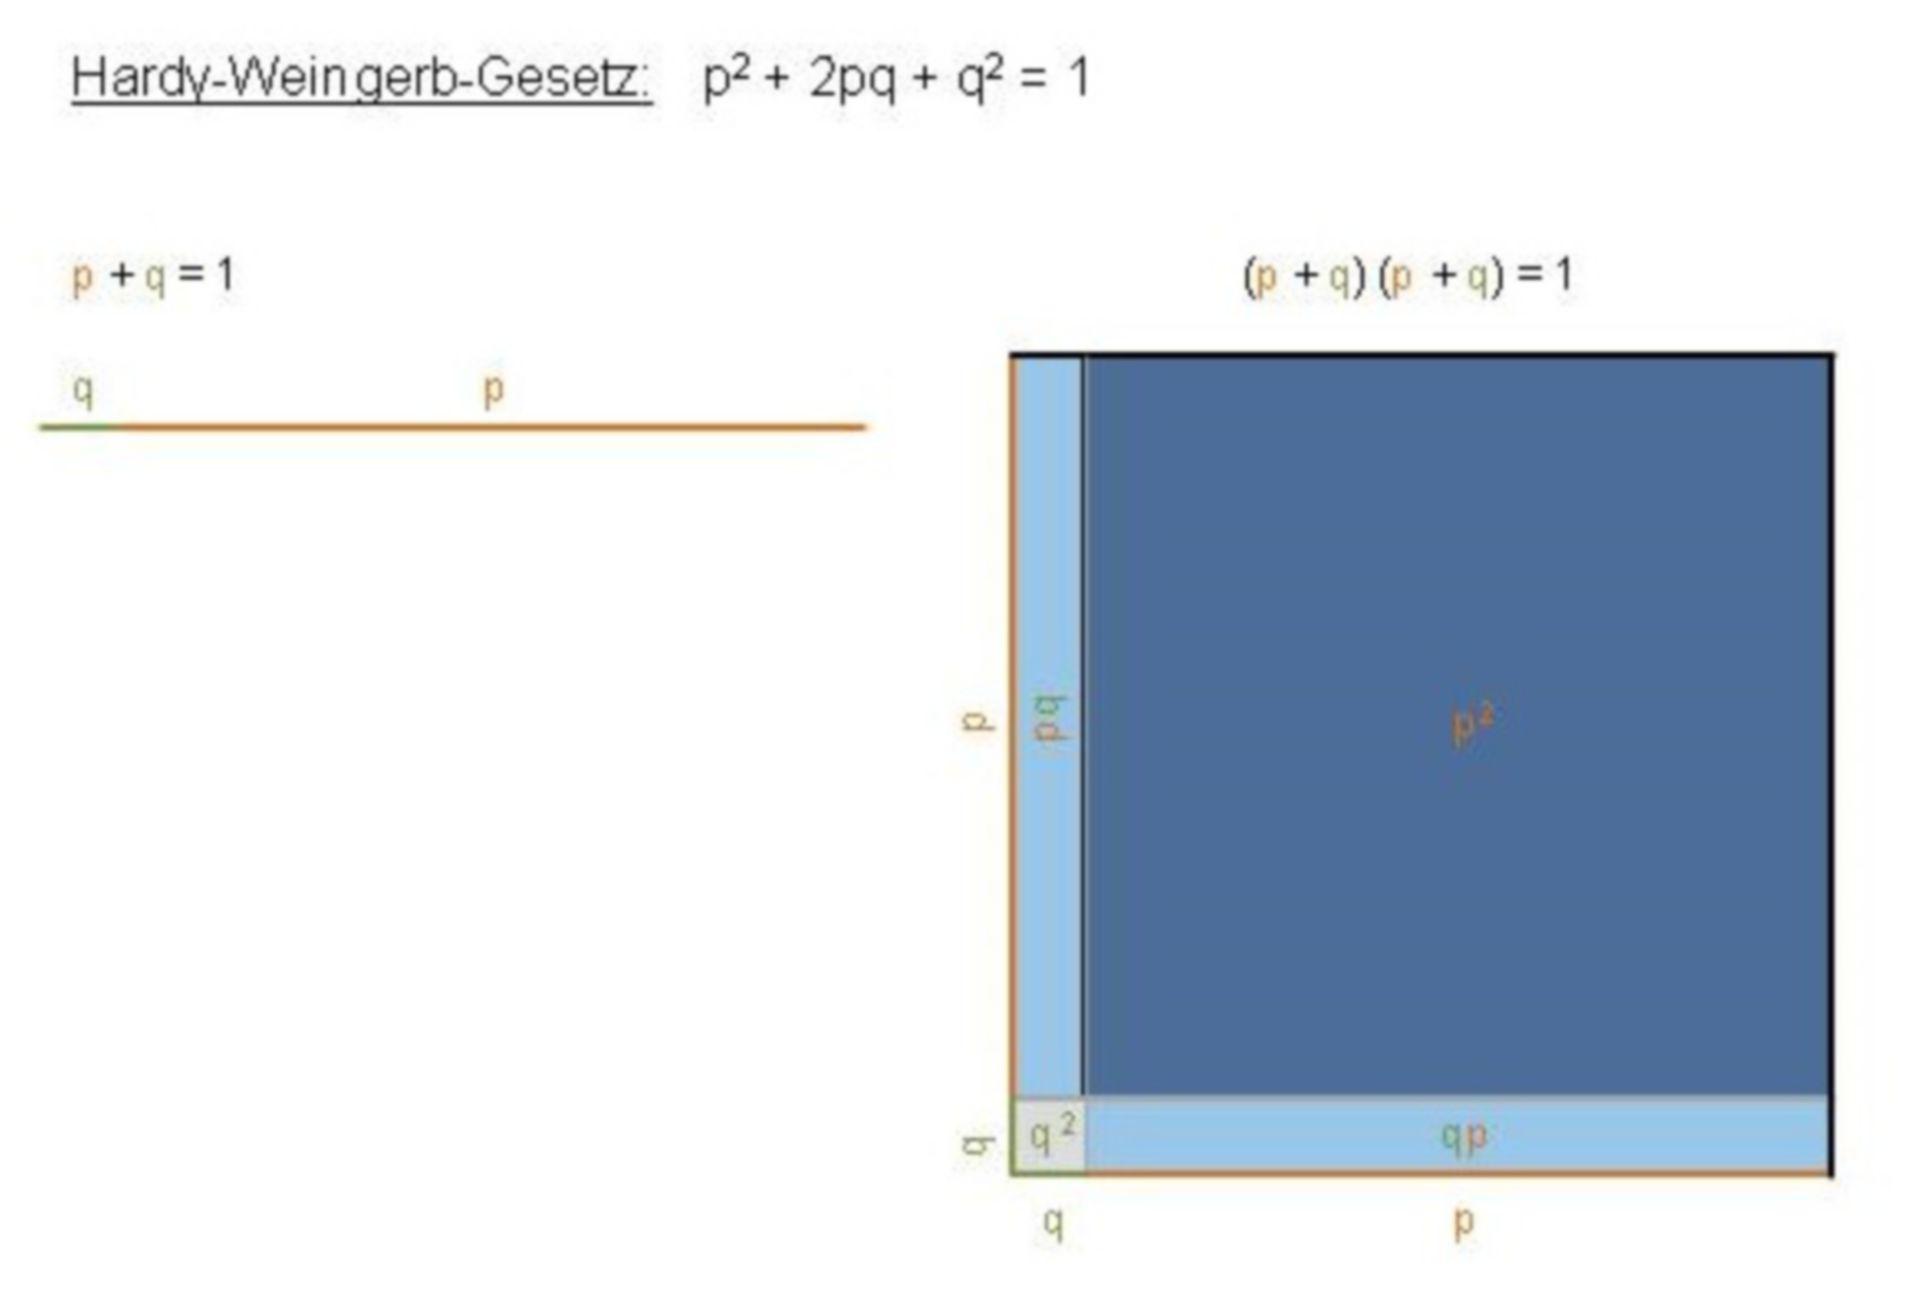 La regla de Hardy-Weinberg